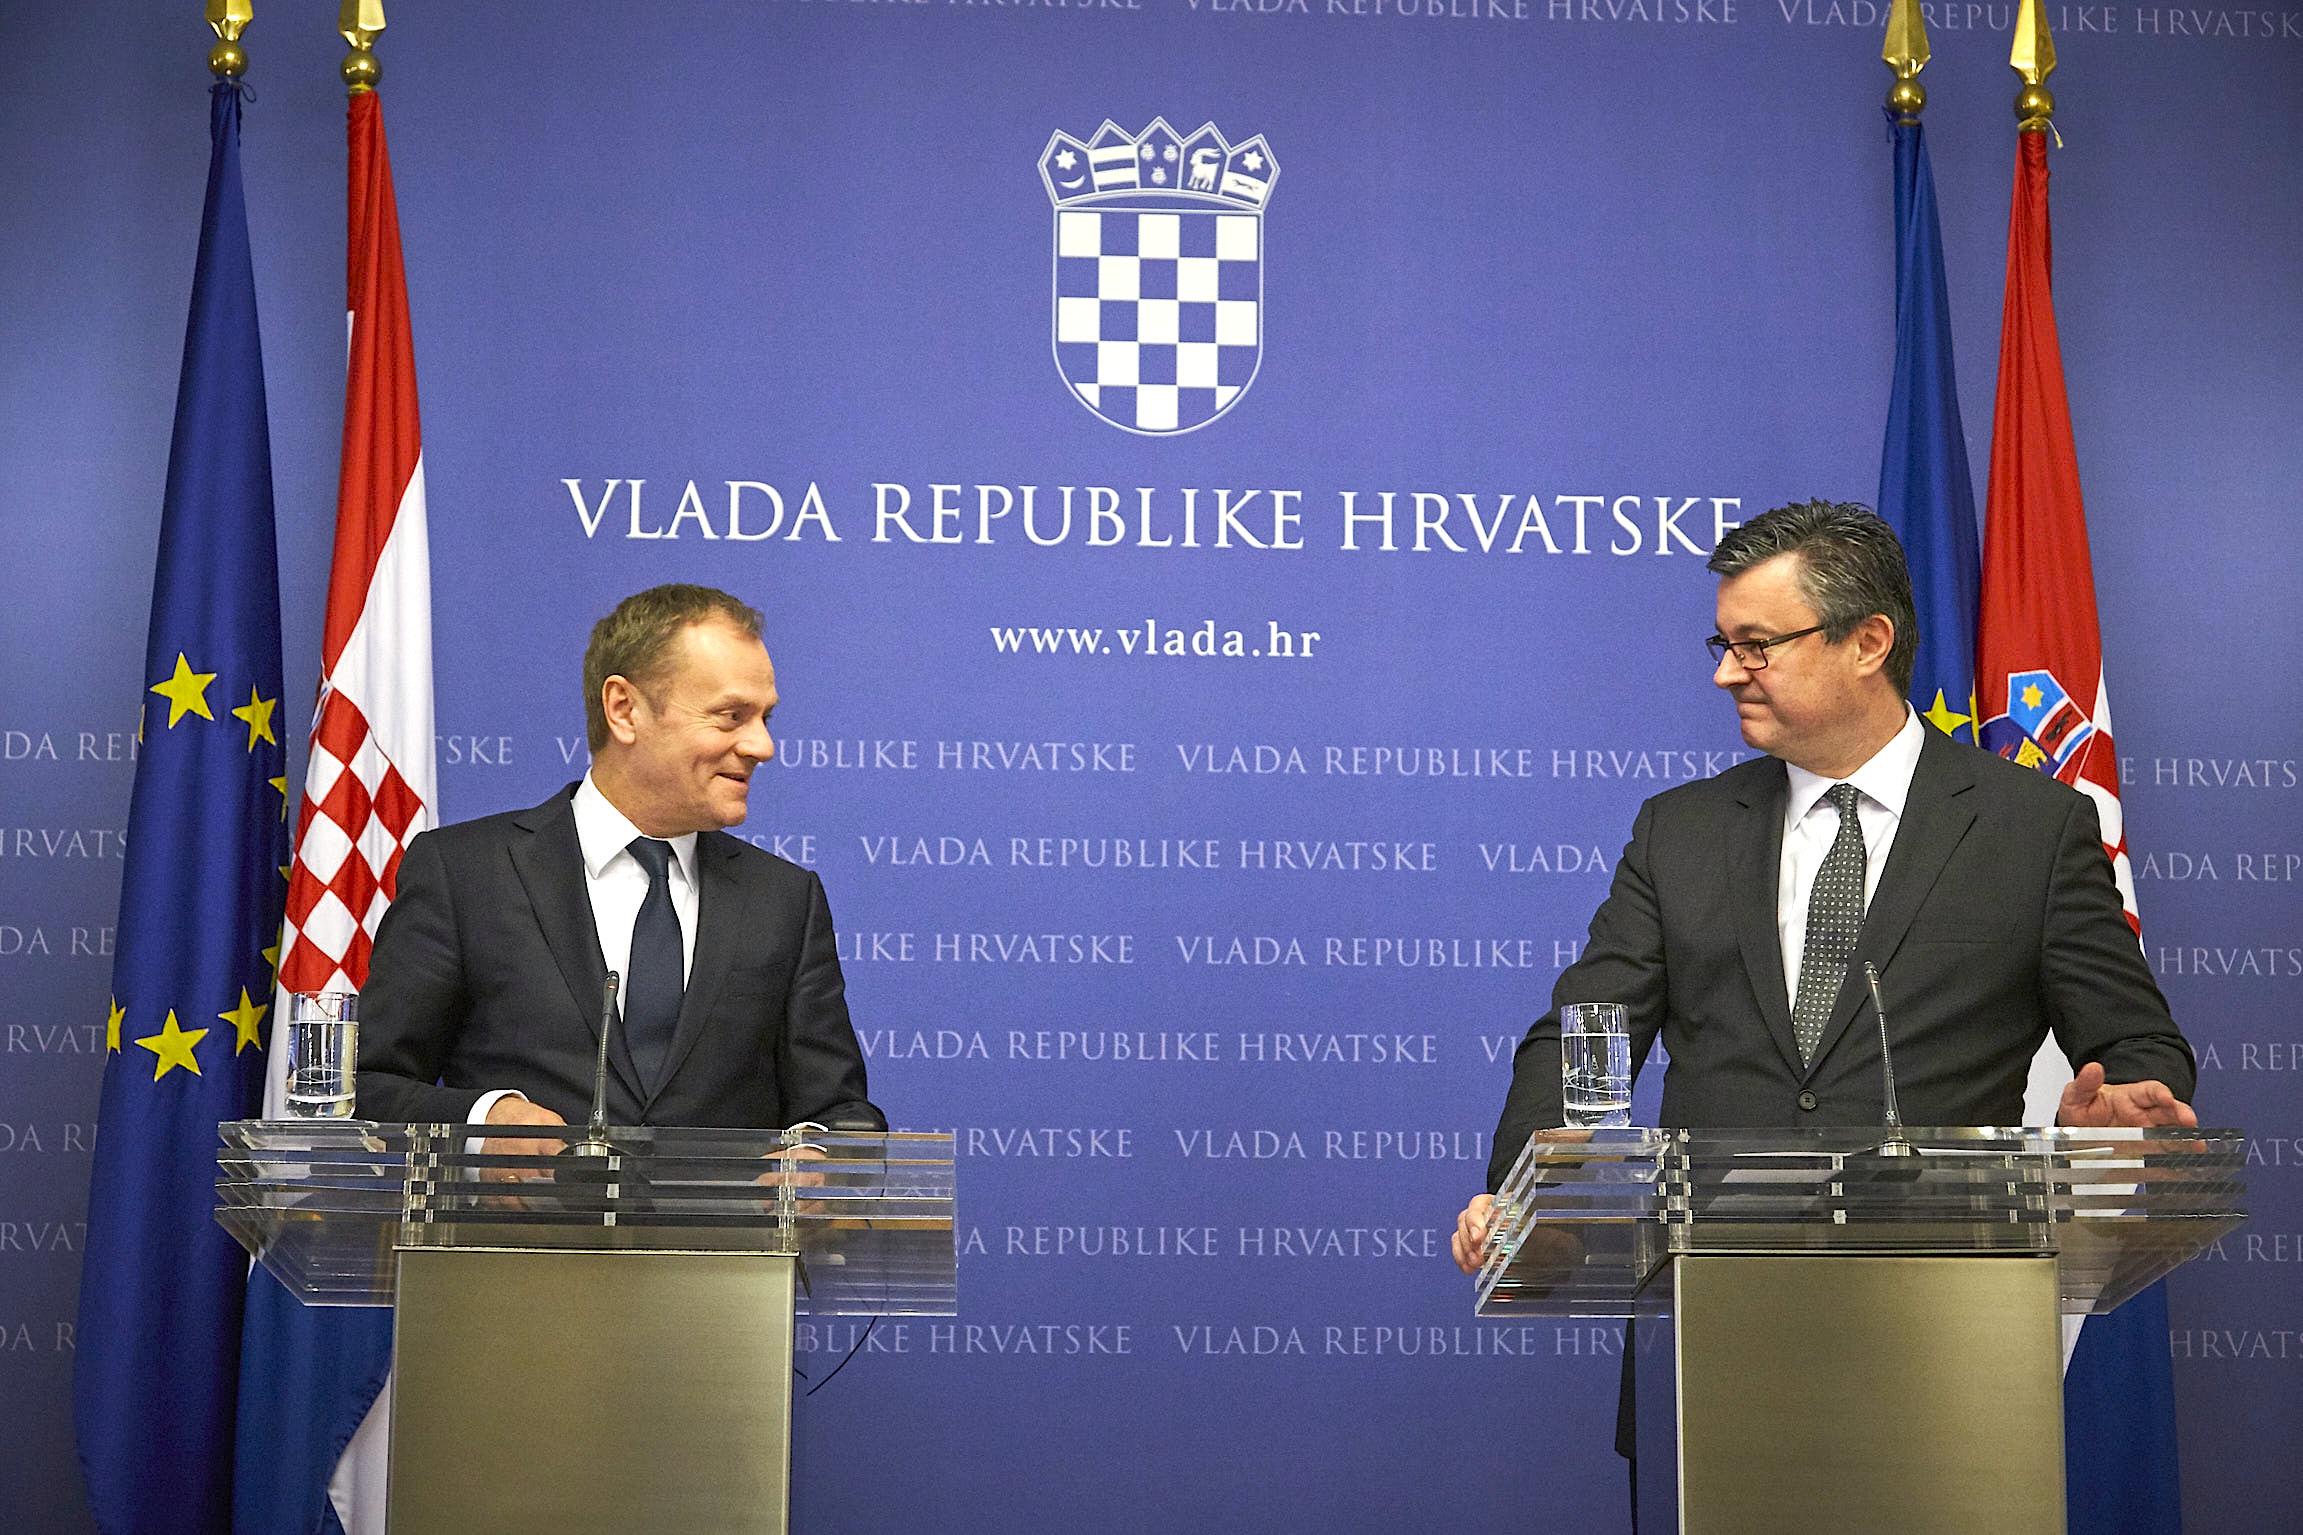 Il presidente del Consiglio europeo Donald Tusk e il primo ministro croato Tihomir Orešković (foto consilium.europa.eu)